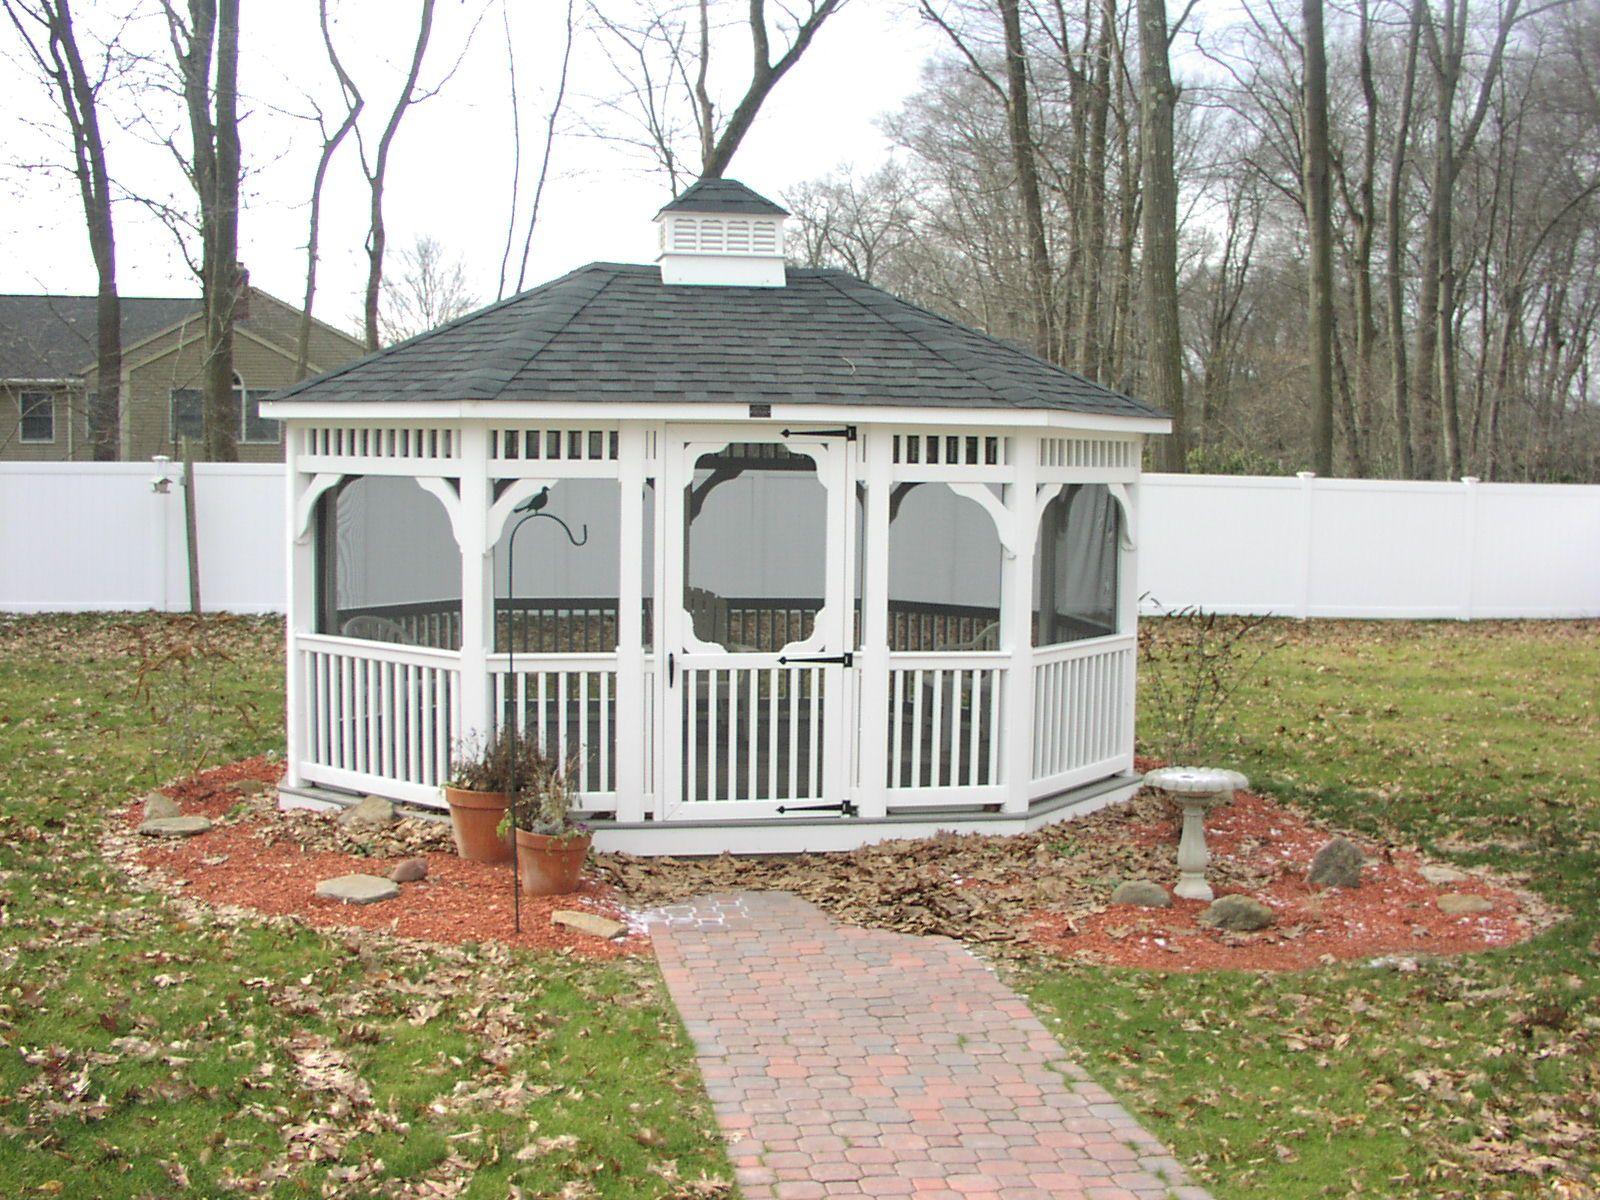 Backyard Enclosed Gazebo - Backyard Designs